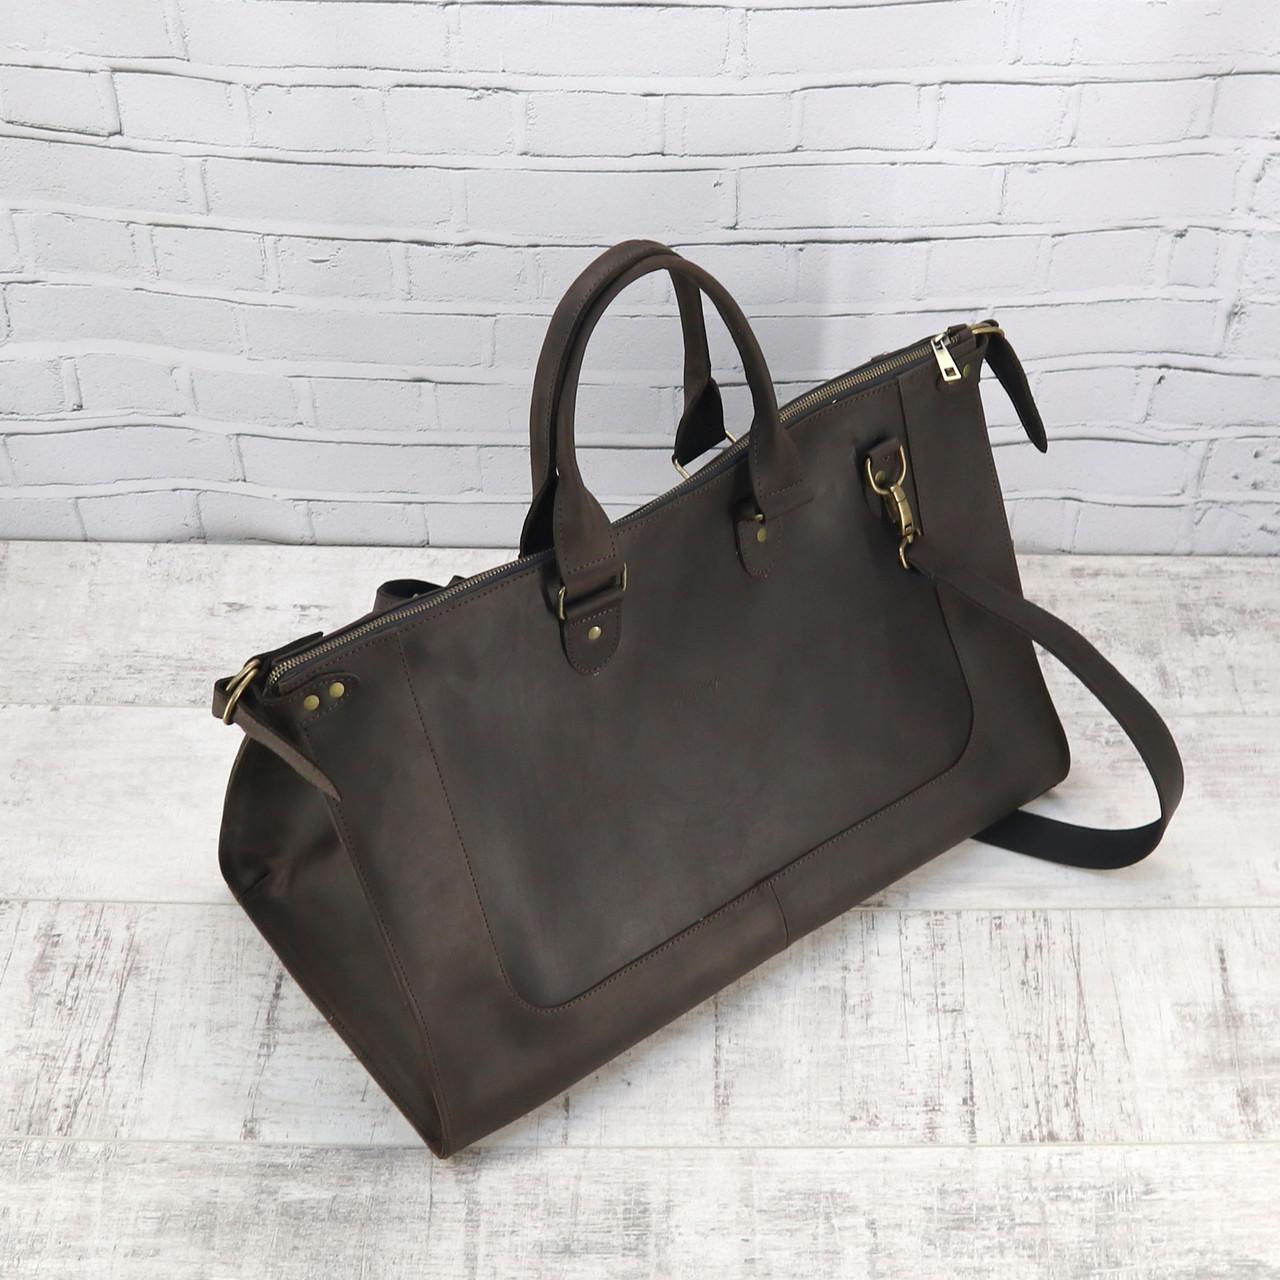 Дорожная сумка tree коричневая из натуральной кожи crazy horse